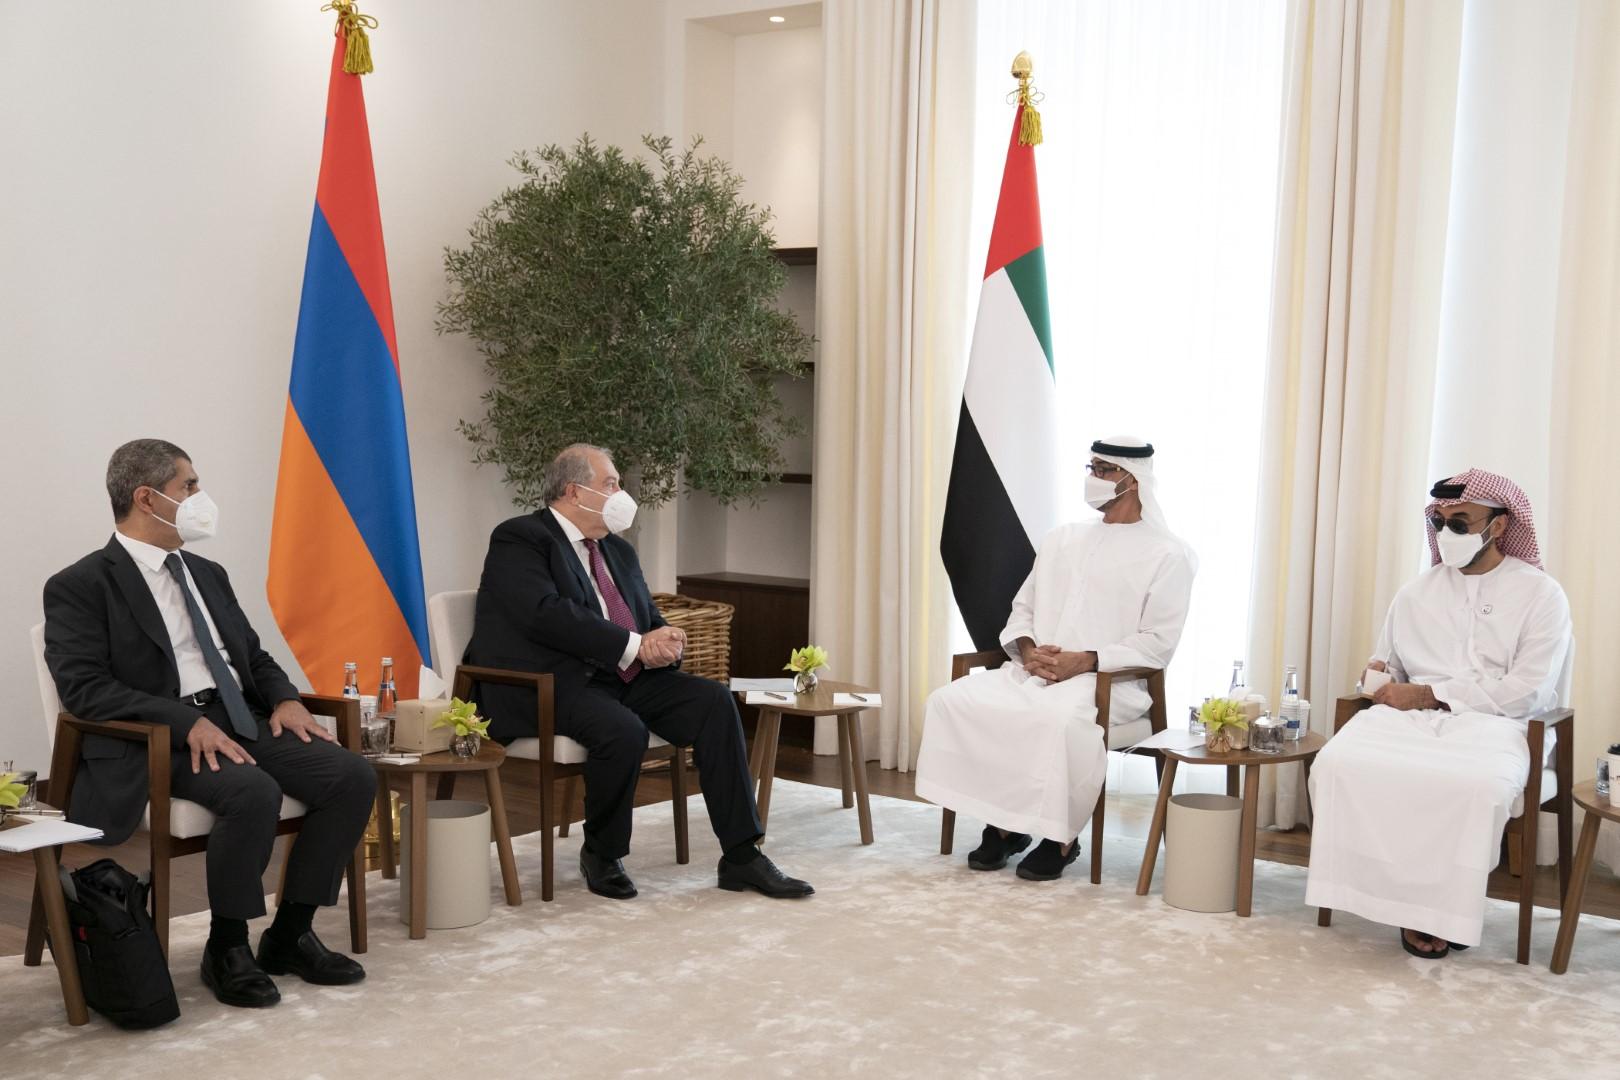 محمد بن زايد يستقبل رئيس أرمينيا و يبحثان علاقات التعاون و القضايا ذات الاهتمام المشترك